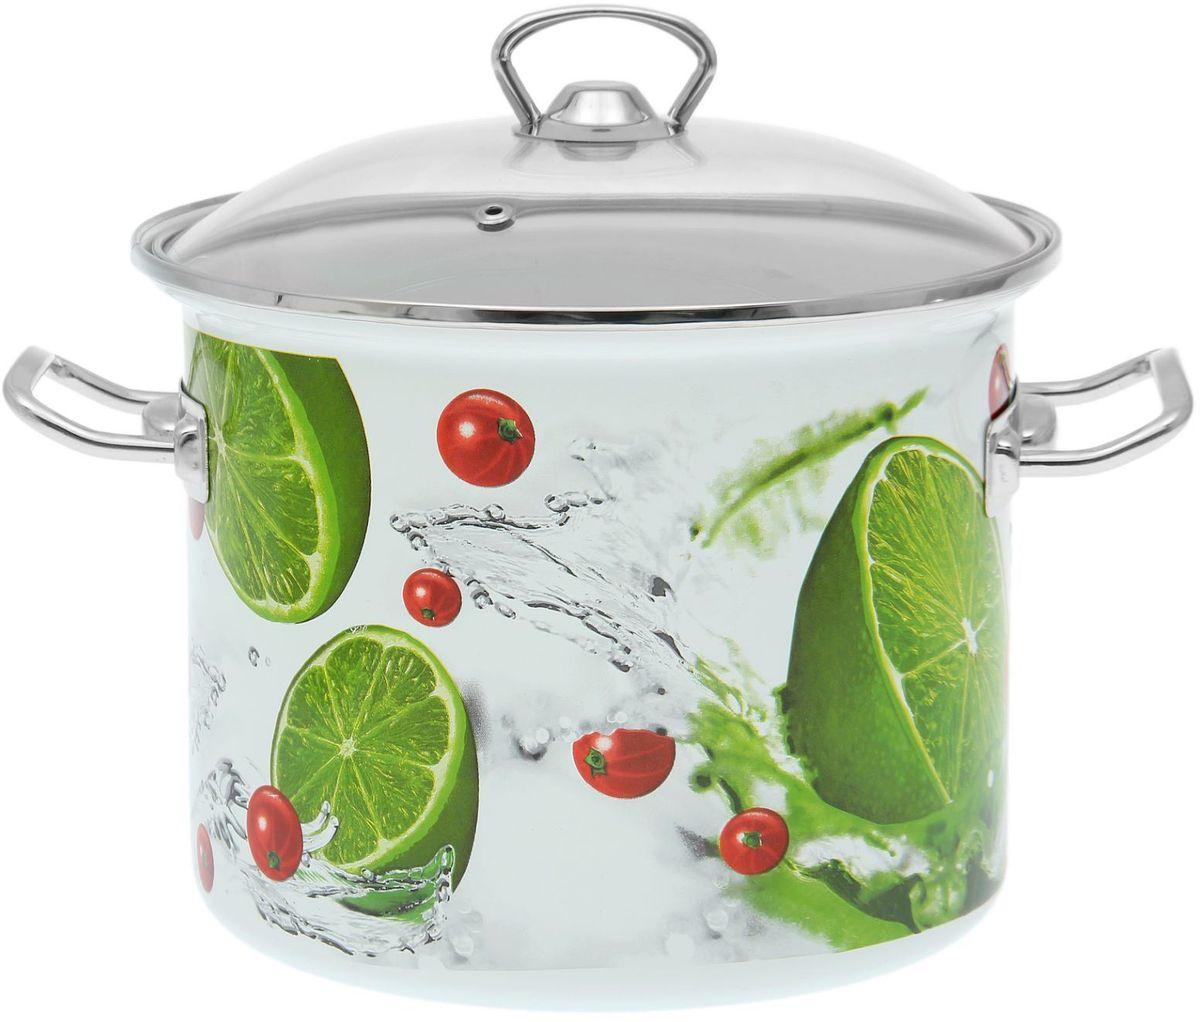 Кастрюля Epos Лайм, 5,5 л94672Эмалированная кастрюля пригодится вам для быстрого приготовления разных типов блюд. Такая посуда подходит для домашнего и профессионального использования.Кастрюля цилиндрическая — помощь на кухне на долгие годы.Достоинства:посуда быстро и равномерно нагревается;корпус стоек к ржавчине;изделие легко отмывается в посудомоечной машине.Благодаря приятным цветам кастрюля удачно впишется в любой дизайн интерьера. Наилучшее качество покрытия достигается за счёт того, что посуда проходит обжиг при температуре до 800 градусов.Чтобы предмет сохранял наилучшие эксплуатационные свойства, соблюдайте правила ухода:избегайте ударов и падений;не пользуйтесь высокоабразивными чистящими средствами;не допускайте резких перепадов температуры.Посуда подходит для долговременного хранения пищи.